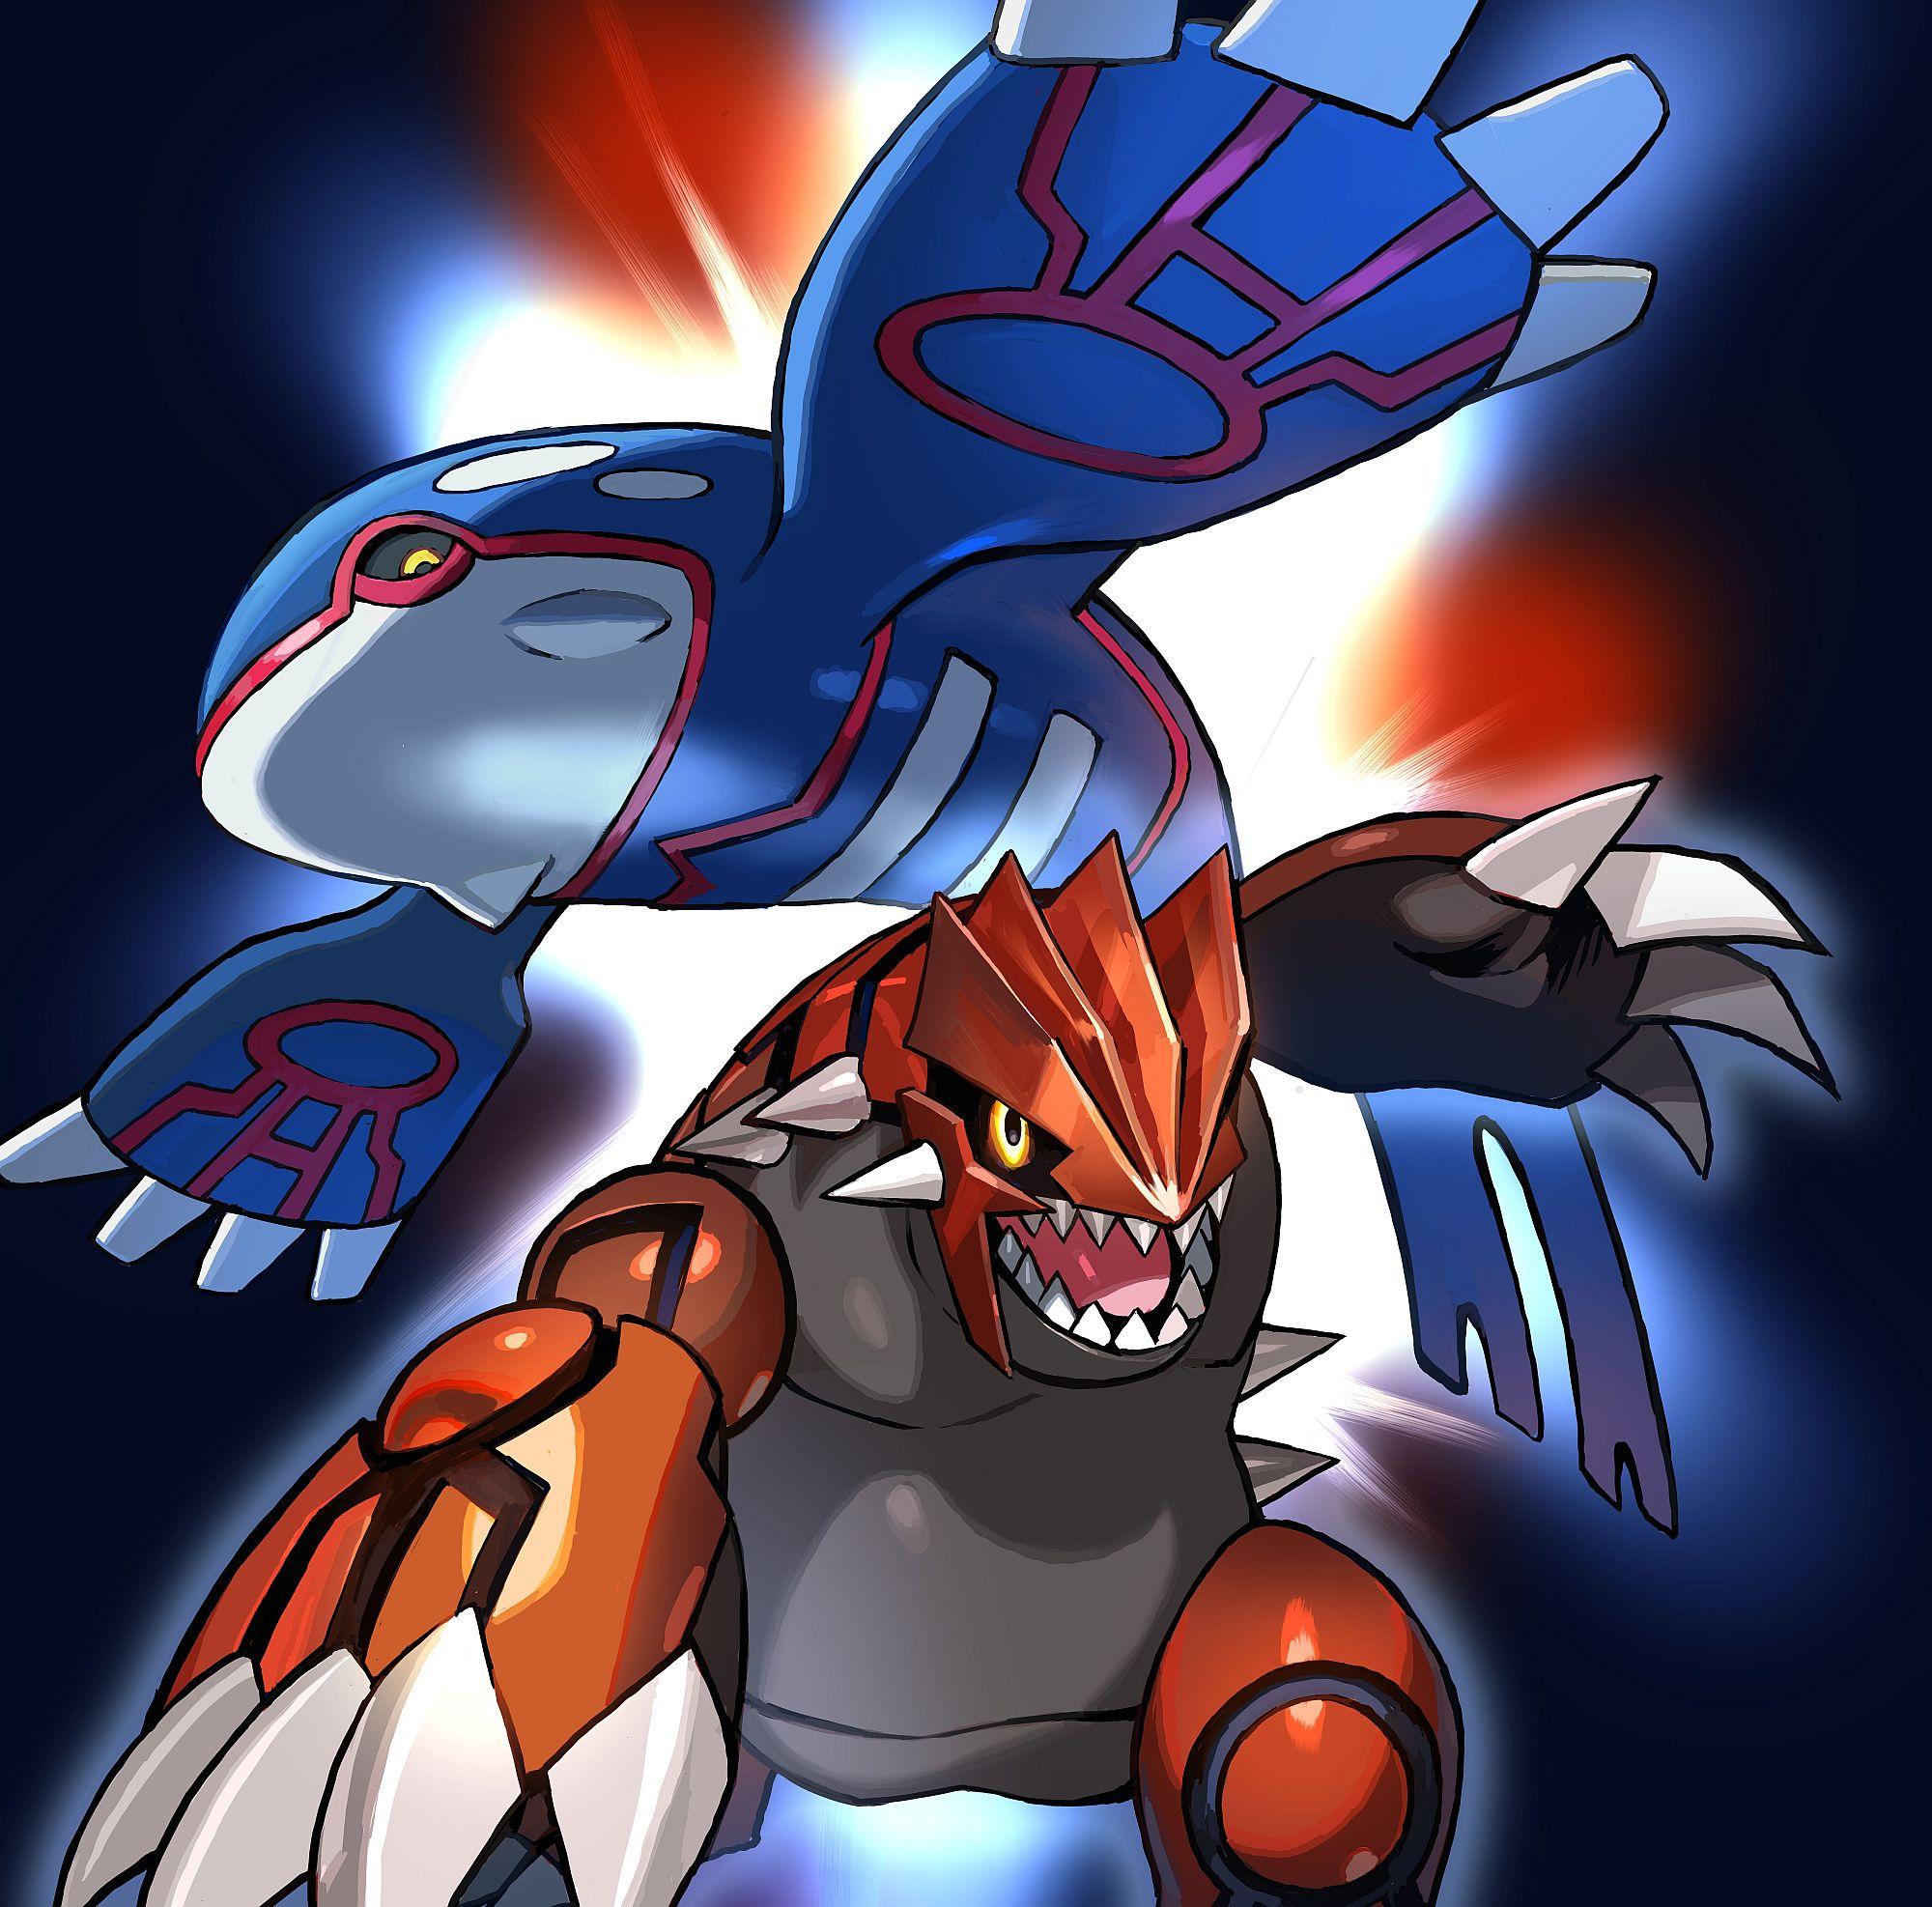 how to catch pokemon moon legendary